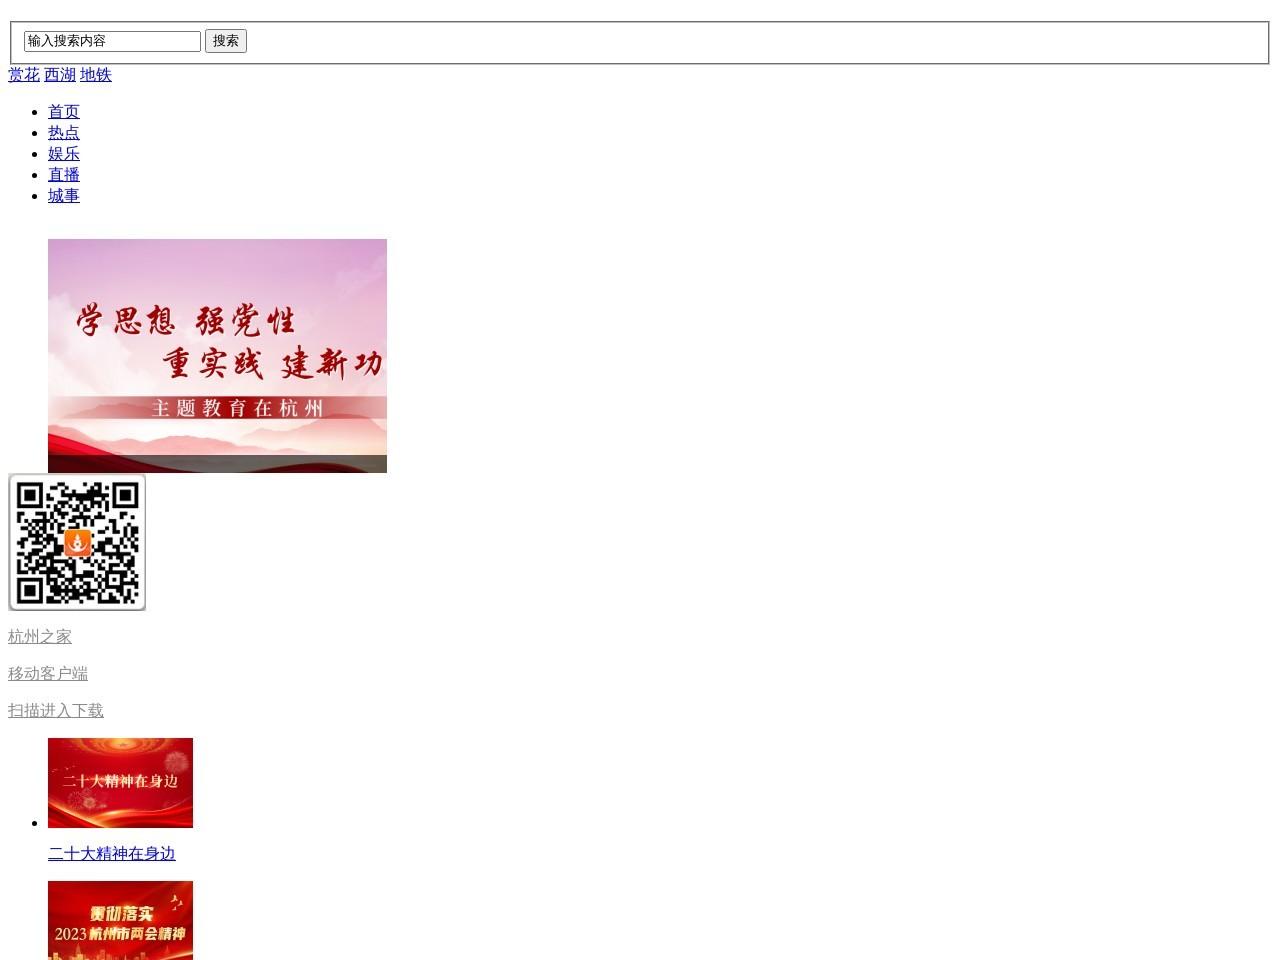 葫芦网_杭州网络广播电视台_杭州新闻